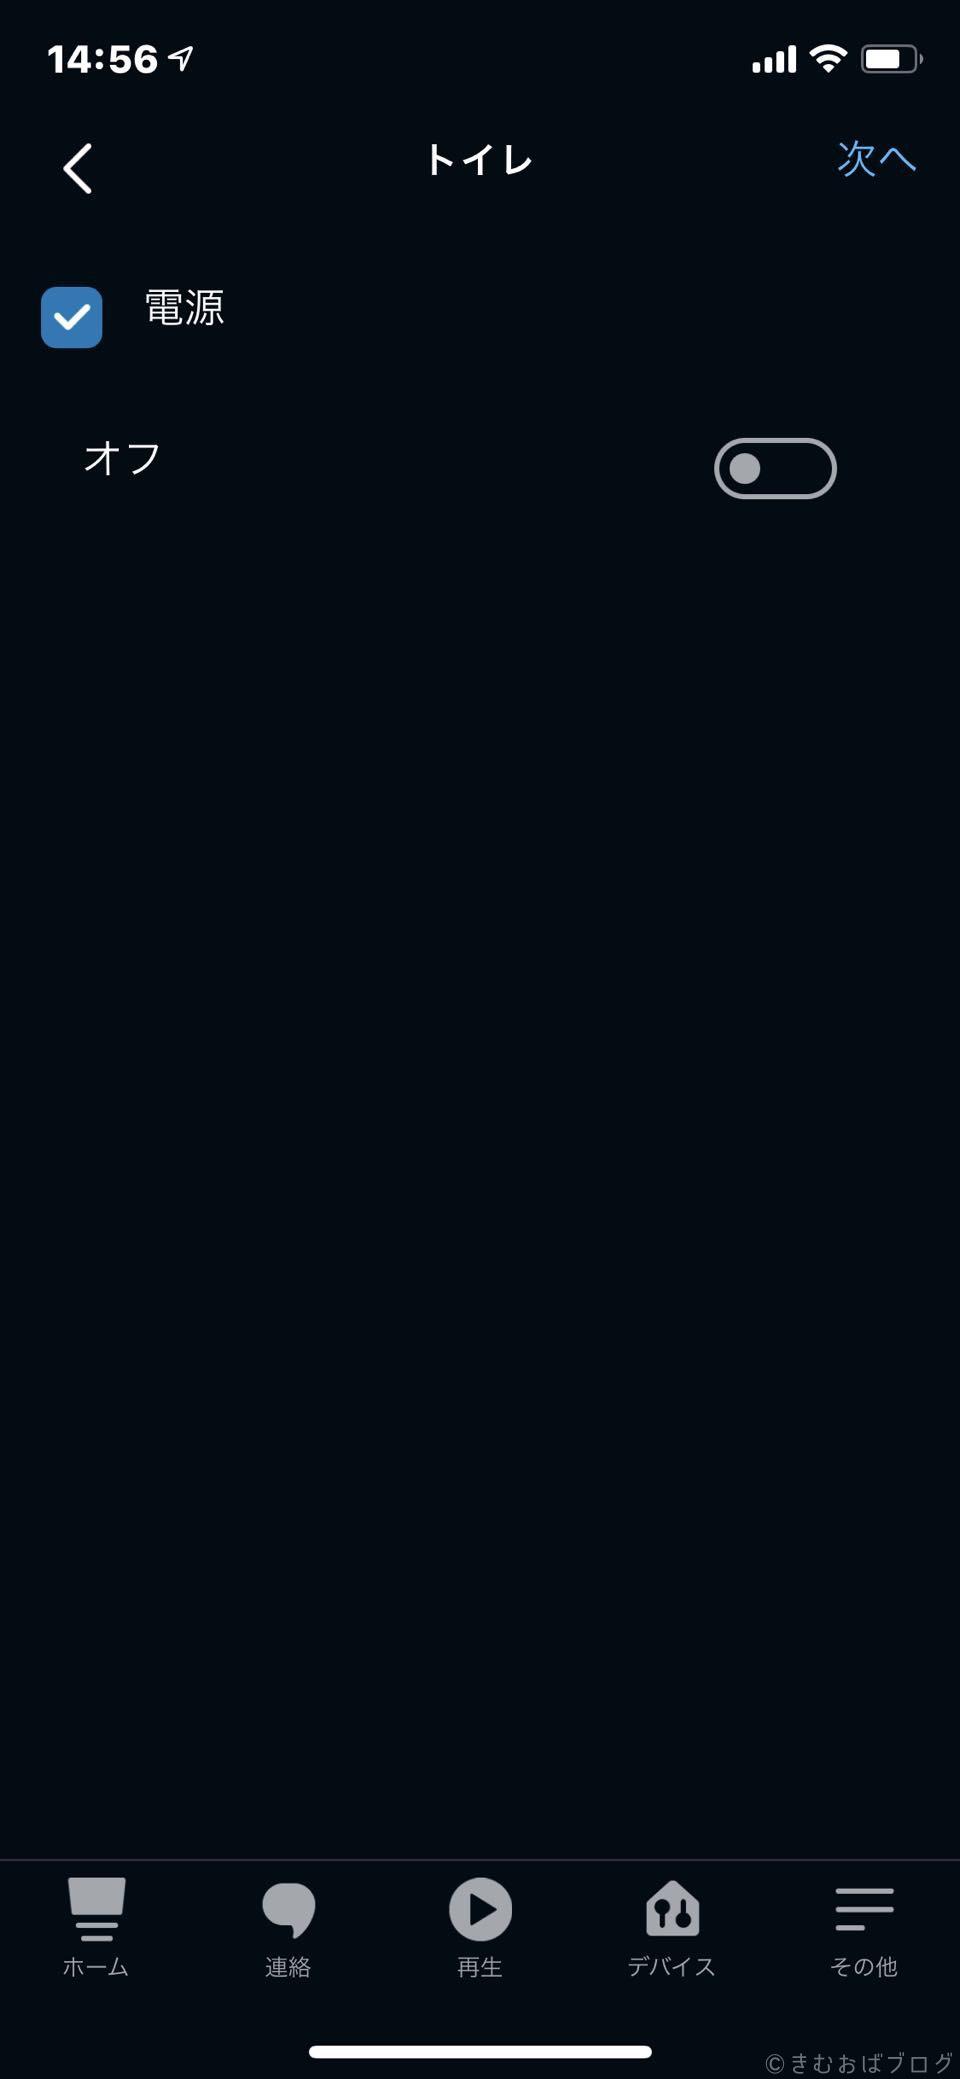 アマゾン アレクサ アプリ SwitchBot